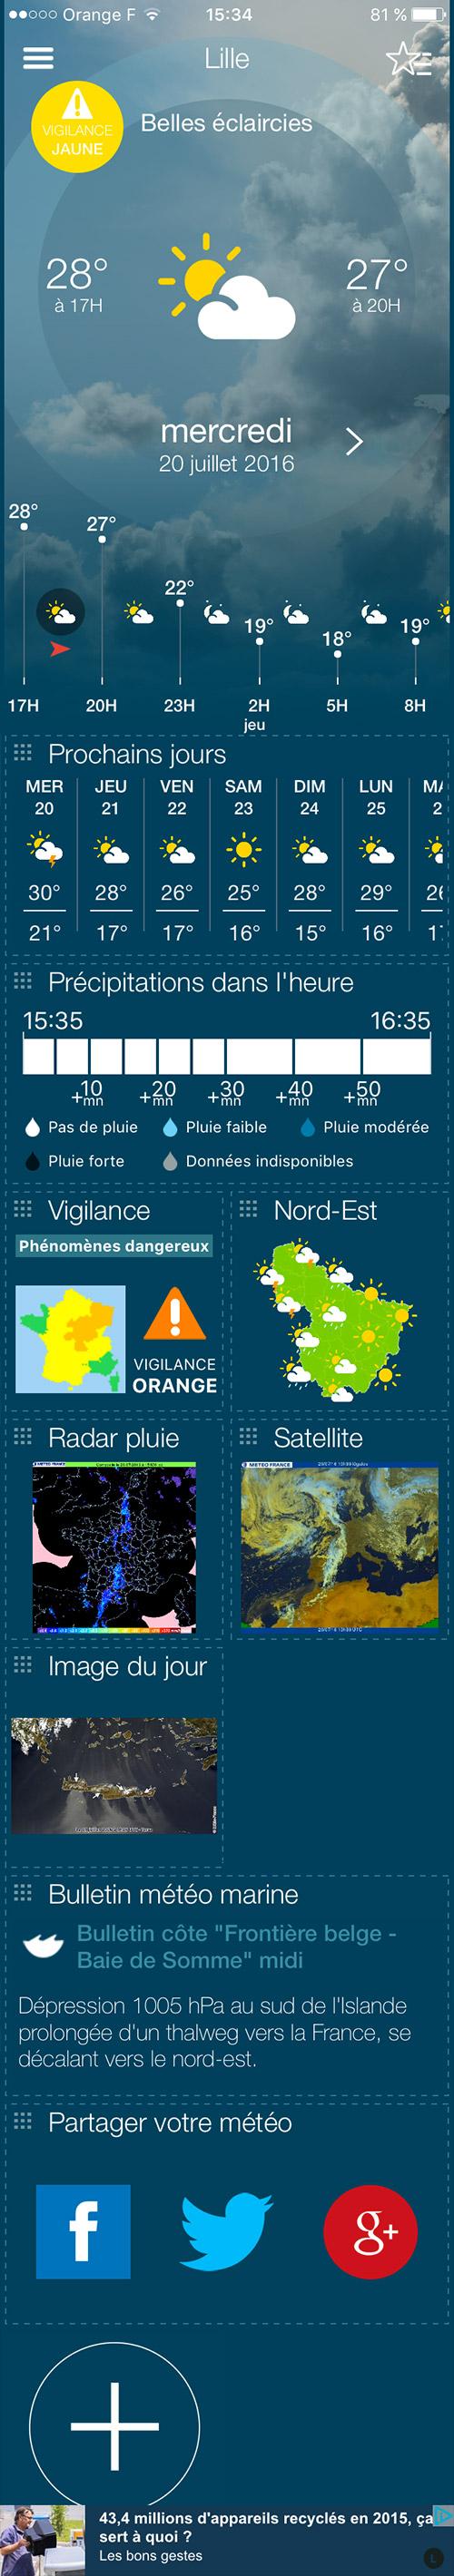 Application Météo-France - page d'accueil complète